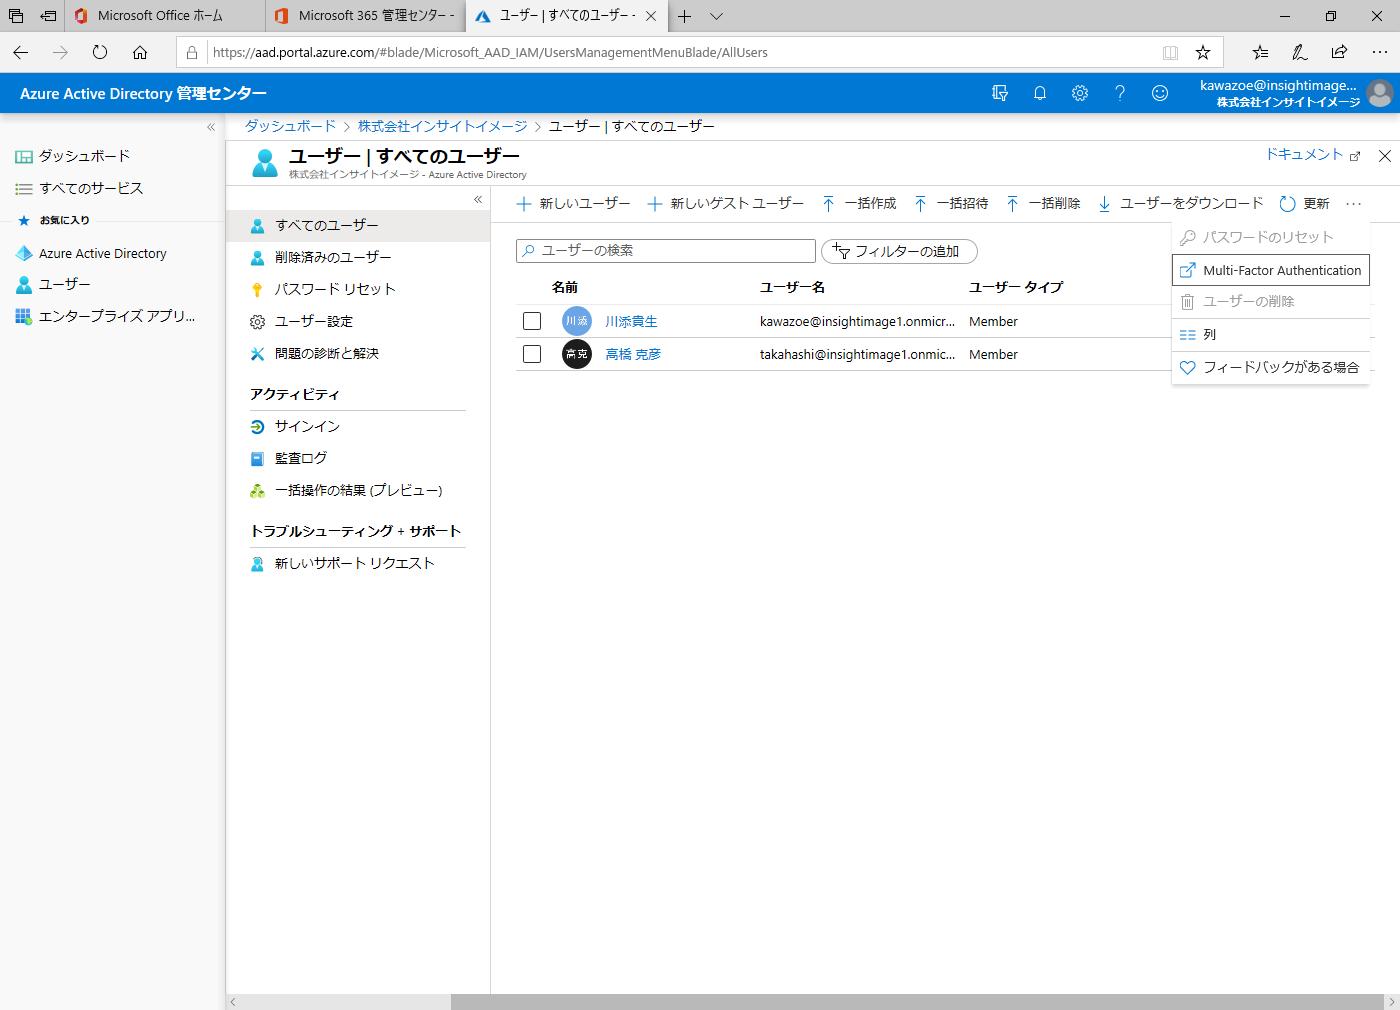 Azure Active Directory管理センターで「すべてのユーザー」画面を開き、メニューから「Multi-Factor Authentication」を選ぶ